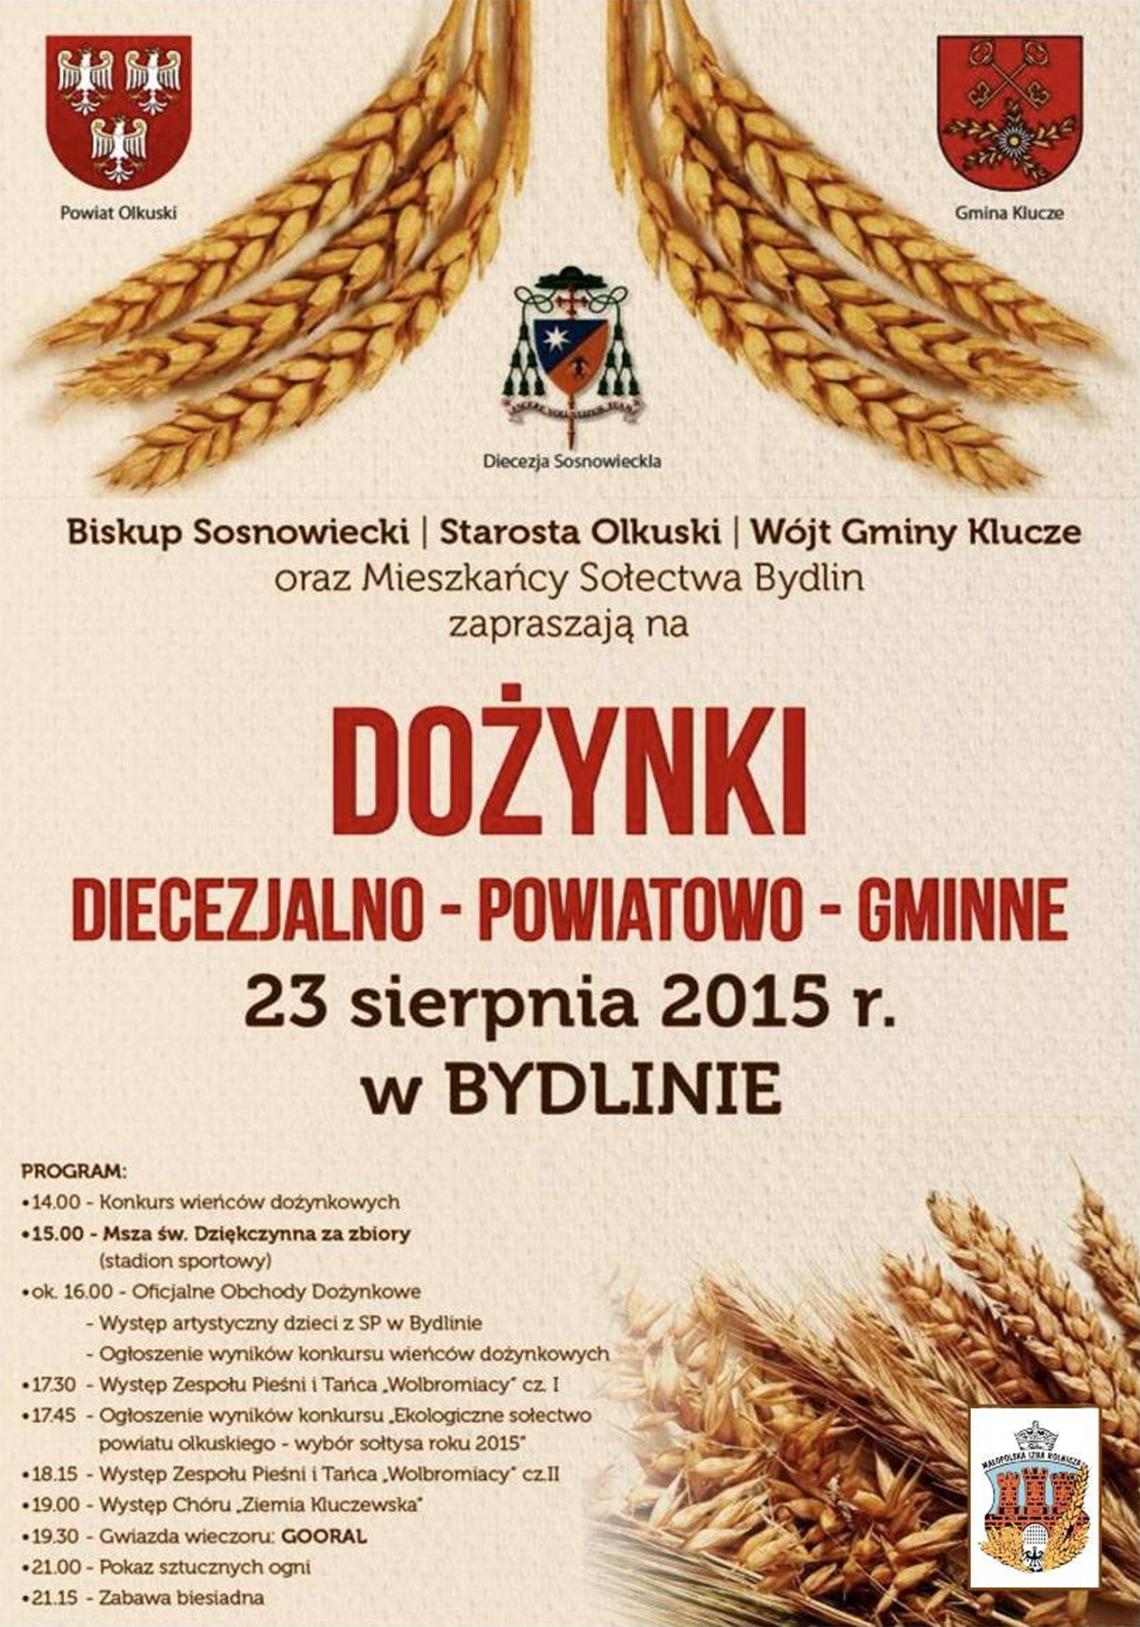 Dożynki Diecezjalno - Powiatowo - Gminne Bydlin 23.08.2015 r. (plakat)